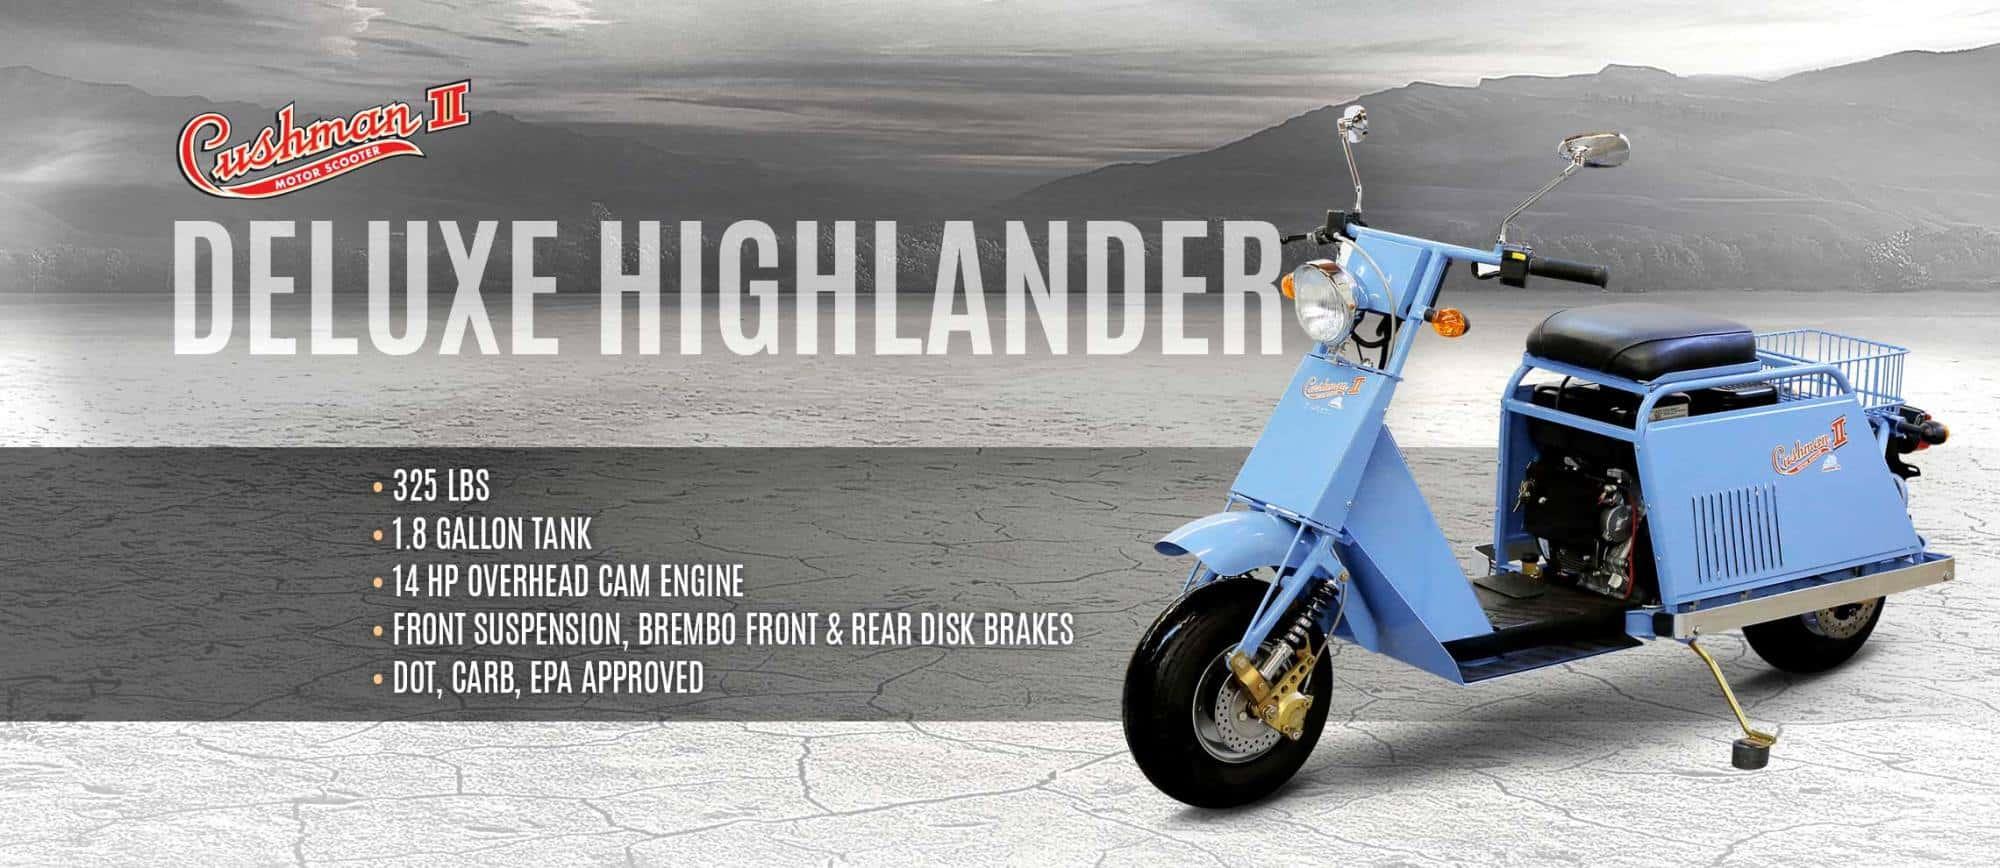 Deluxe Highlander